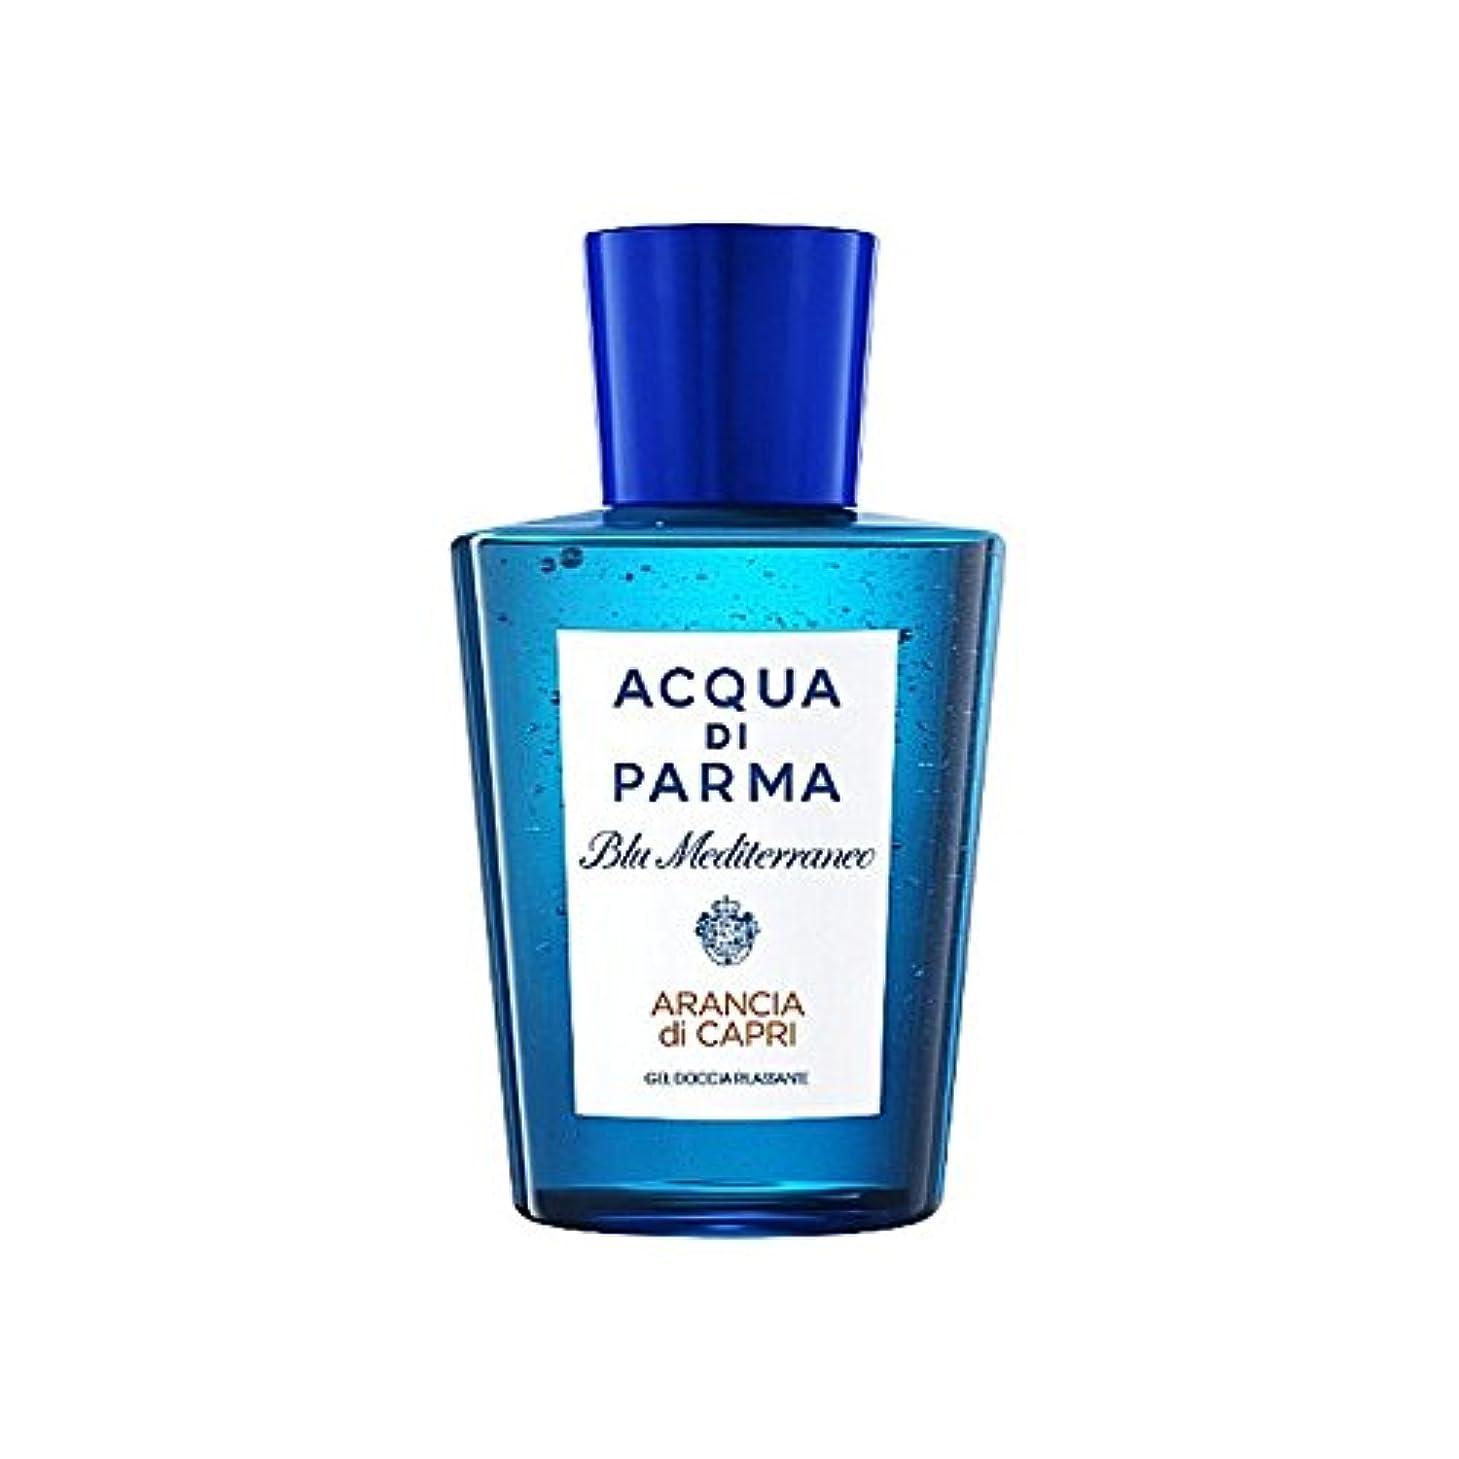 意見思慮深いいくつかのAcqua Di Parma Blu Mediterraneo Arancia Di Capri Shower Gel 200ml - アクアディパルマブルーメディのアランシアジカプリシャワージェル200 [並行輸入品]